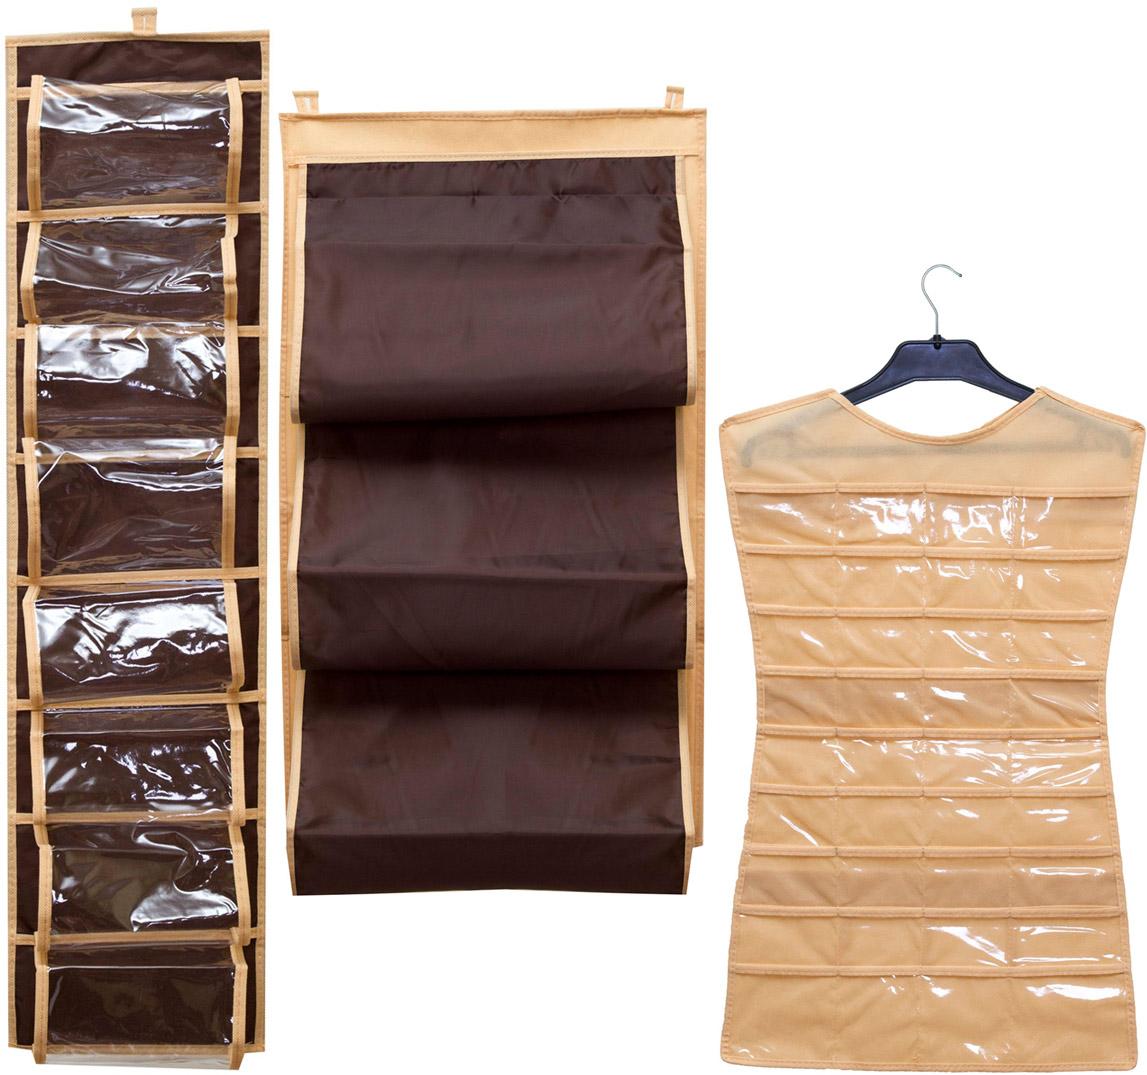 Набор подвесных органайзеров Homsu, цвет: темно-коричневый, 3 штБрелок для ключейНабор органайзеров Homsu, выполненный из высококачественного материала, предназначен для удобного и компактного хранения различных вещей и бижутерии. В набор входят 3 органайзера: кофр подвесной для сумок, органайзер подвесной двусторонний на 16 карманов, органайзер для бижутерии и мелочей. Выбирая набор органайзеров, вы приобретаете практичное хранение вещей, стильные аксессуары для интерьера и свободное пространство.